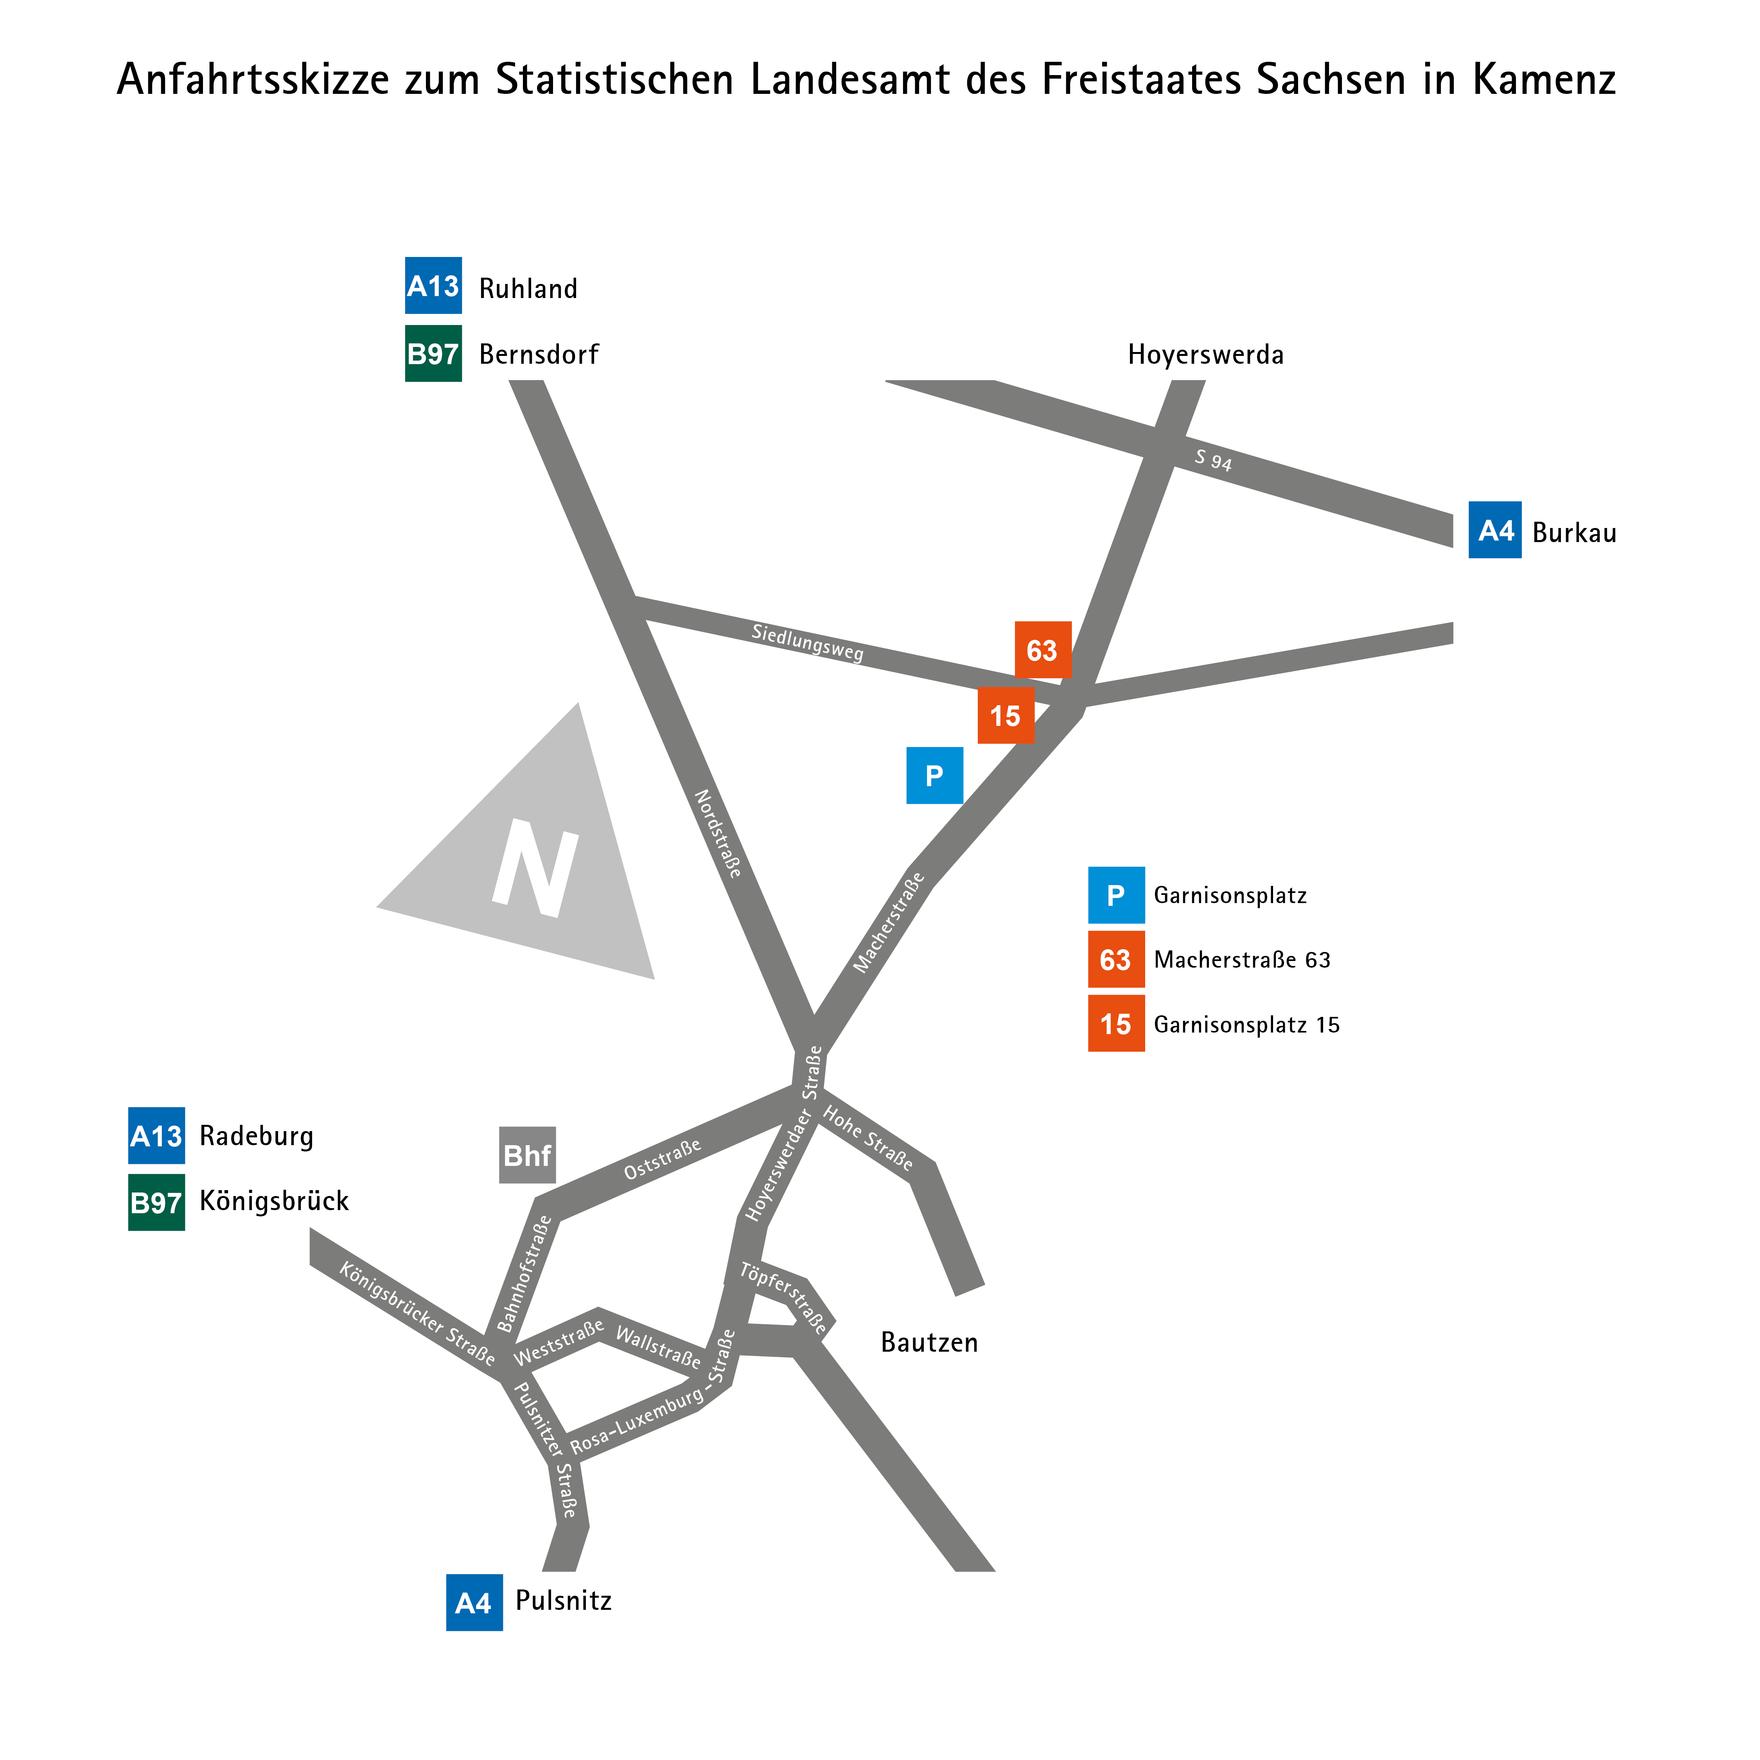 Das Bild zeigt eine Anfahrtskizze zum Statistischen Landesamt des Freistaates Sachsen.